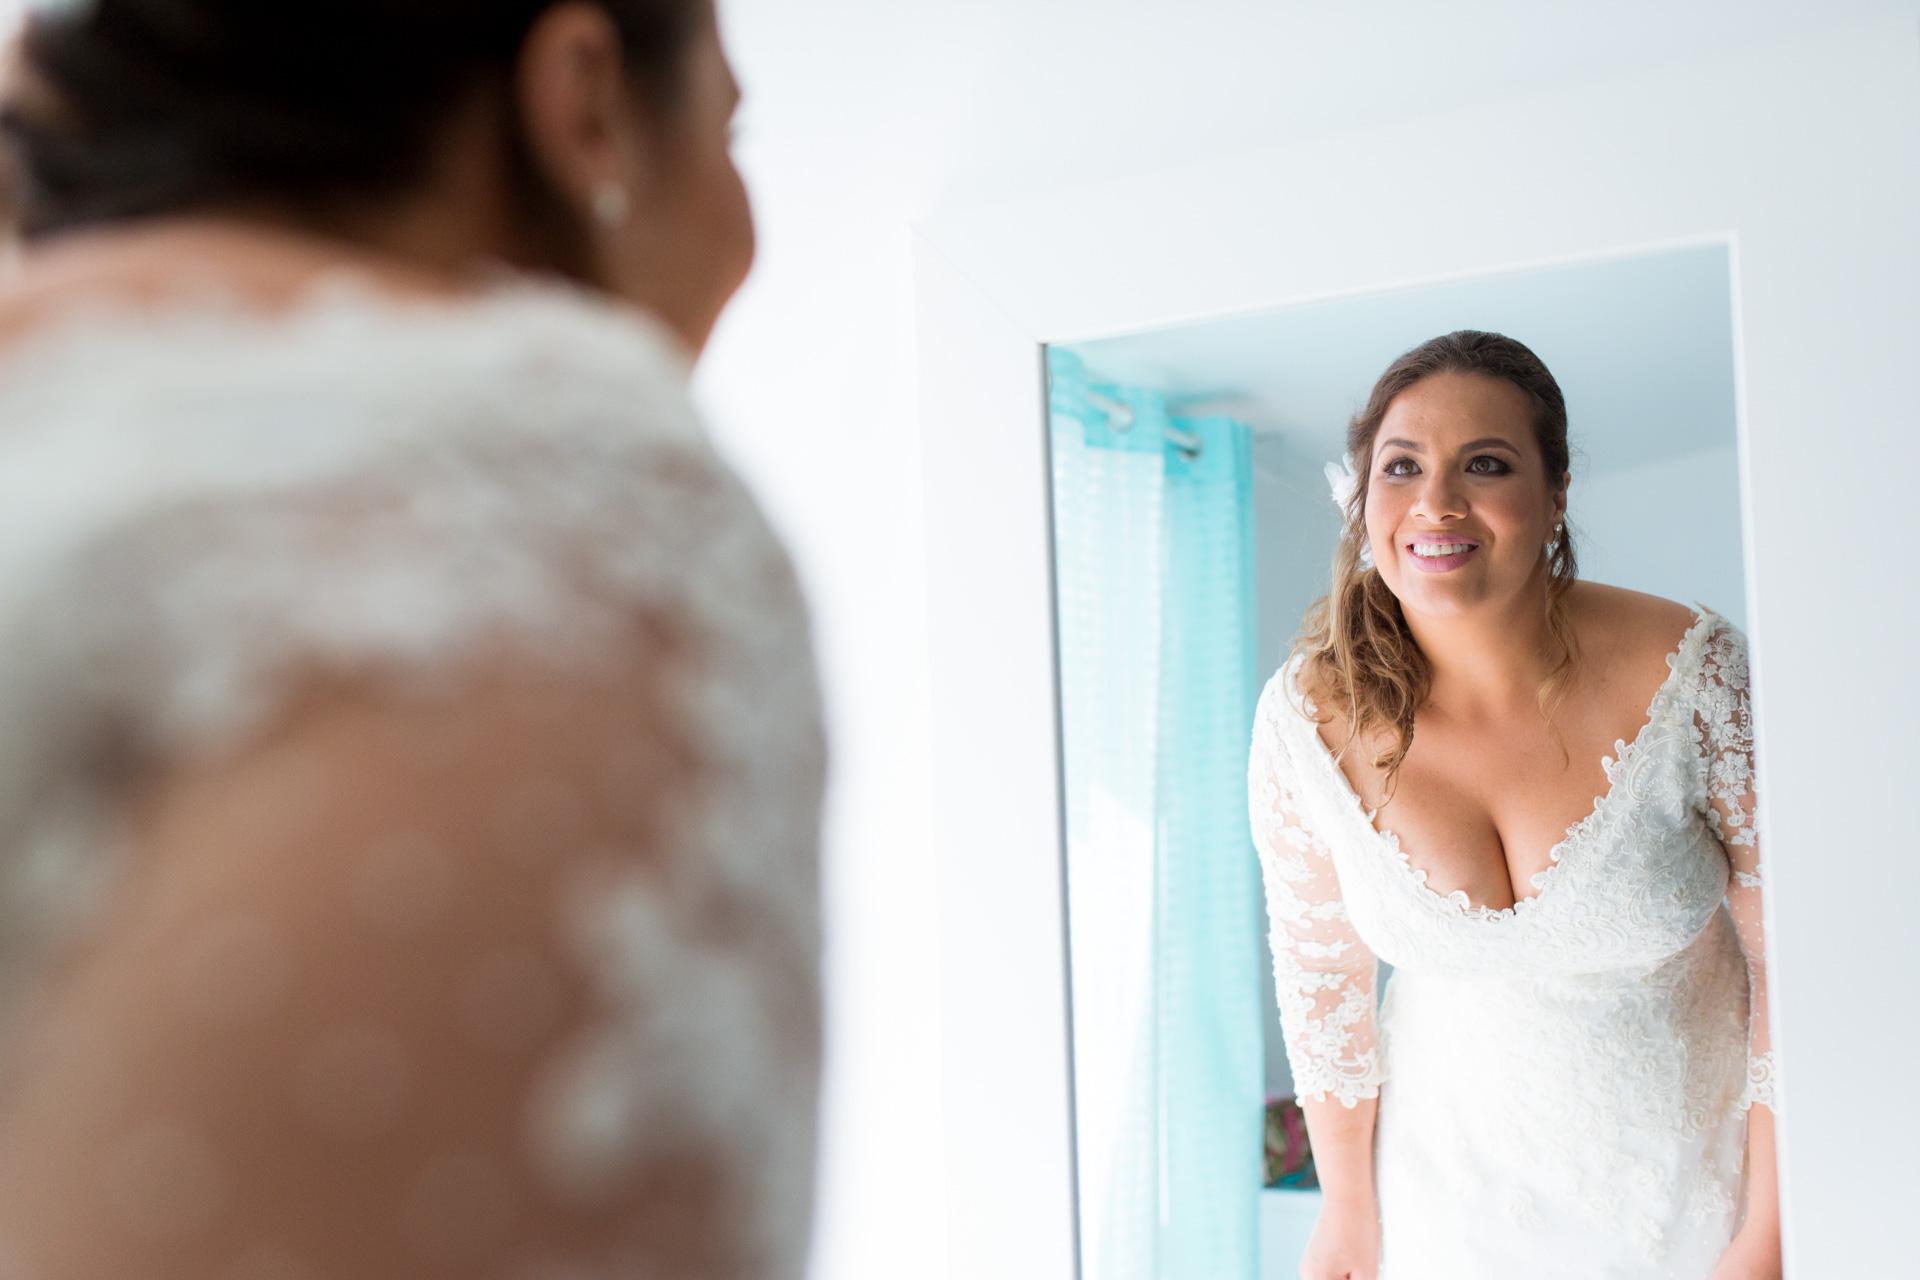 la mariee se regarde dans le mirroir